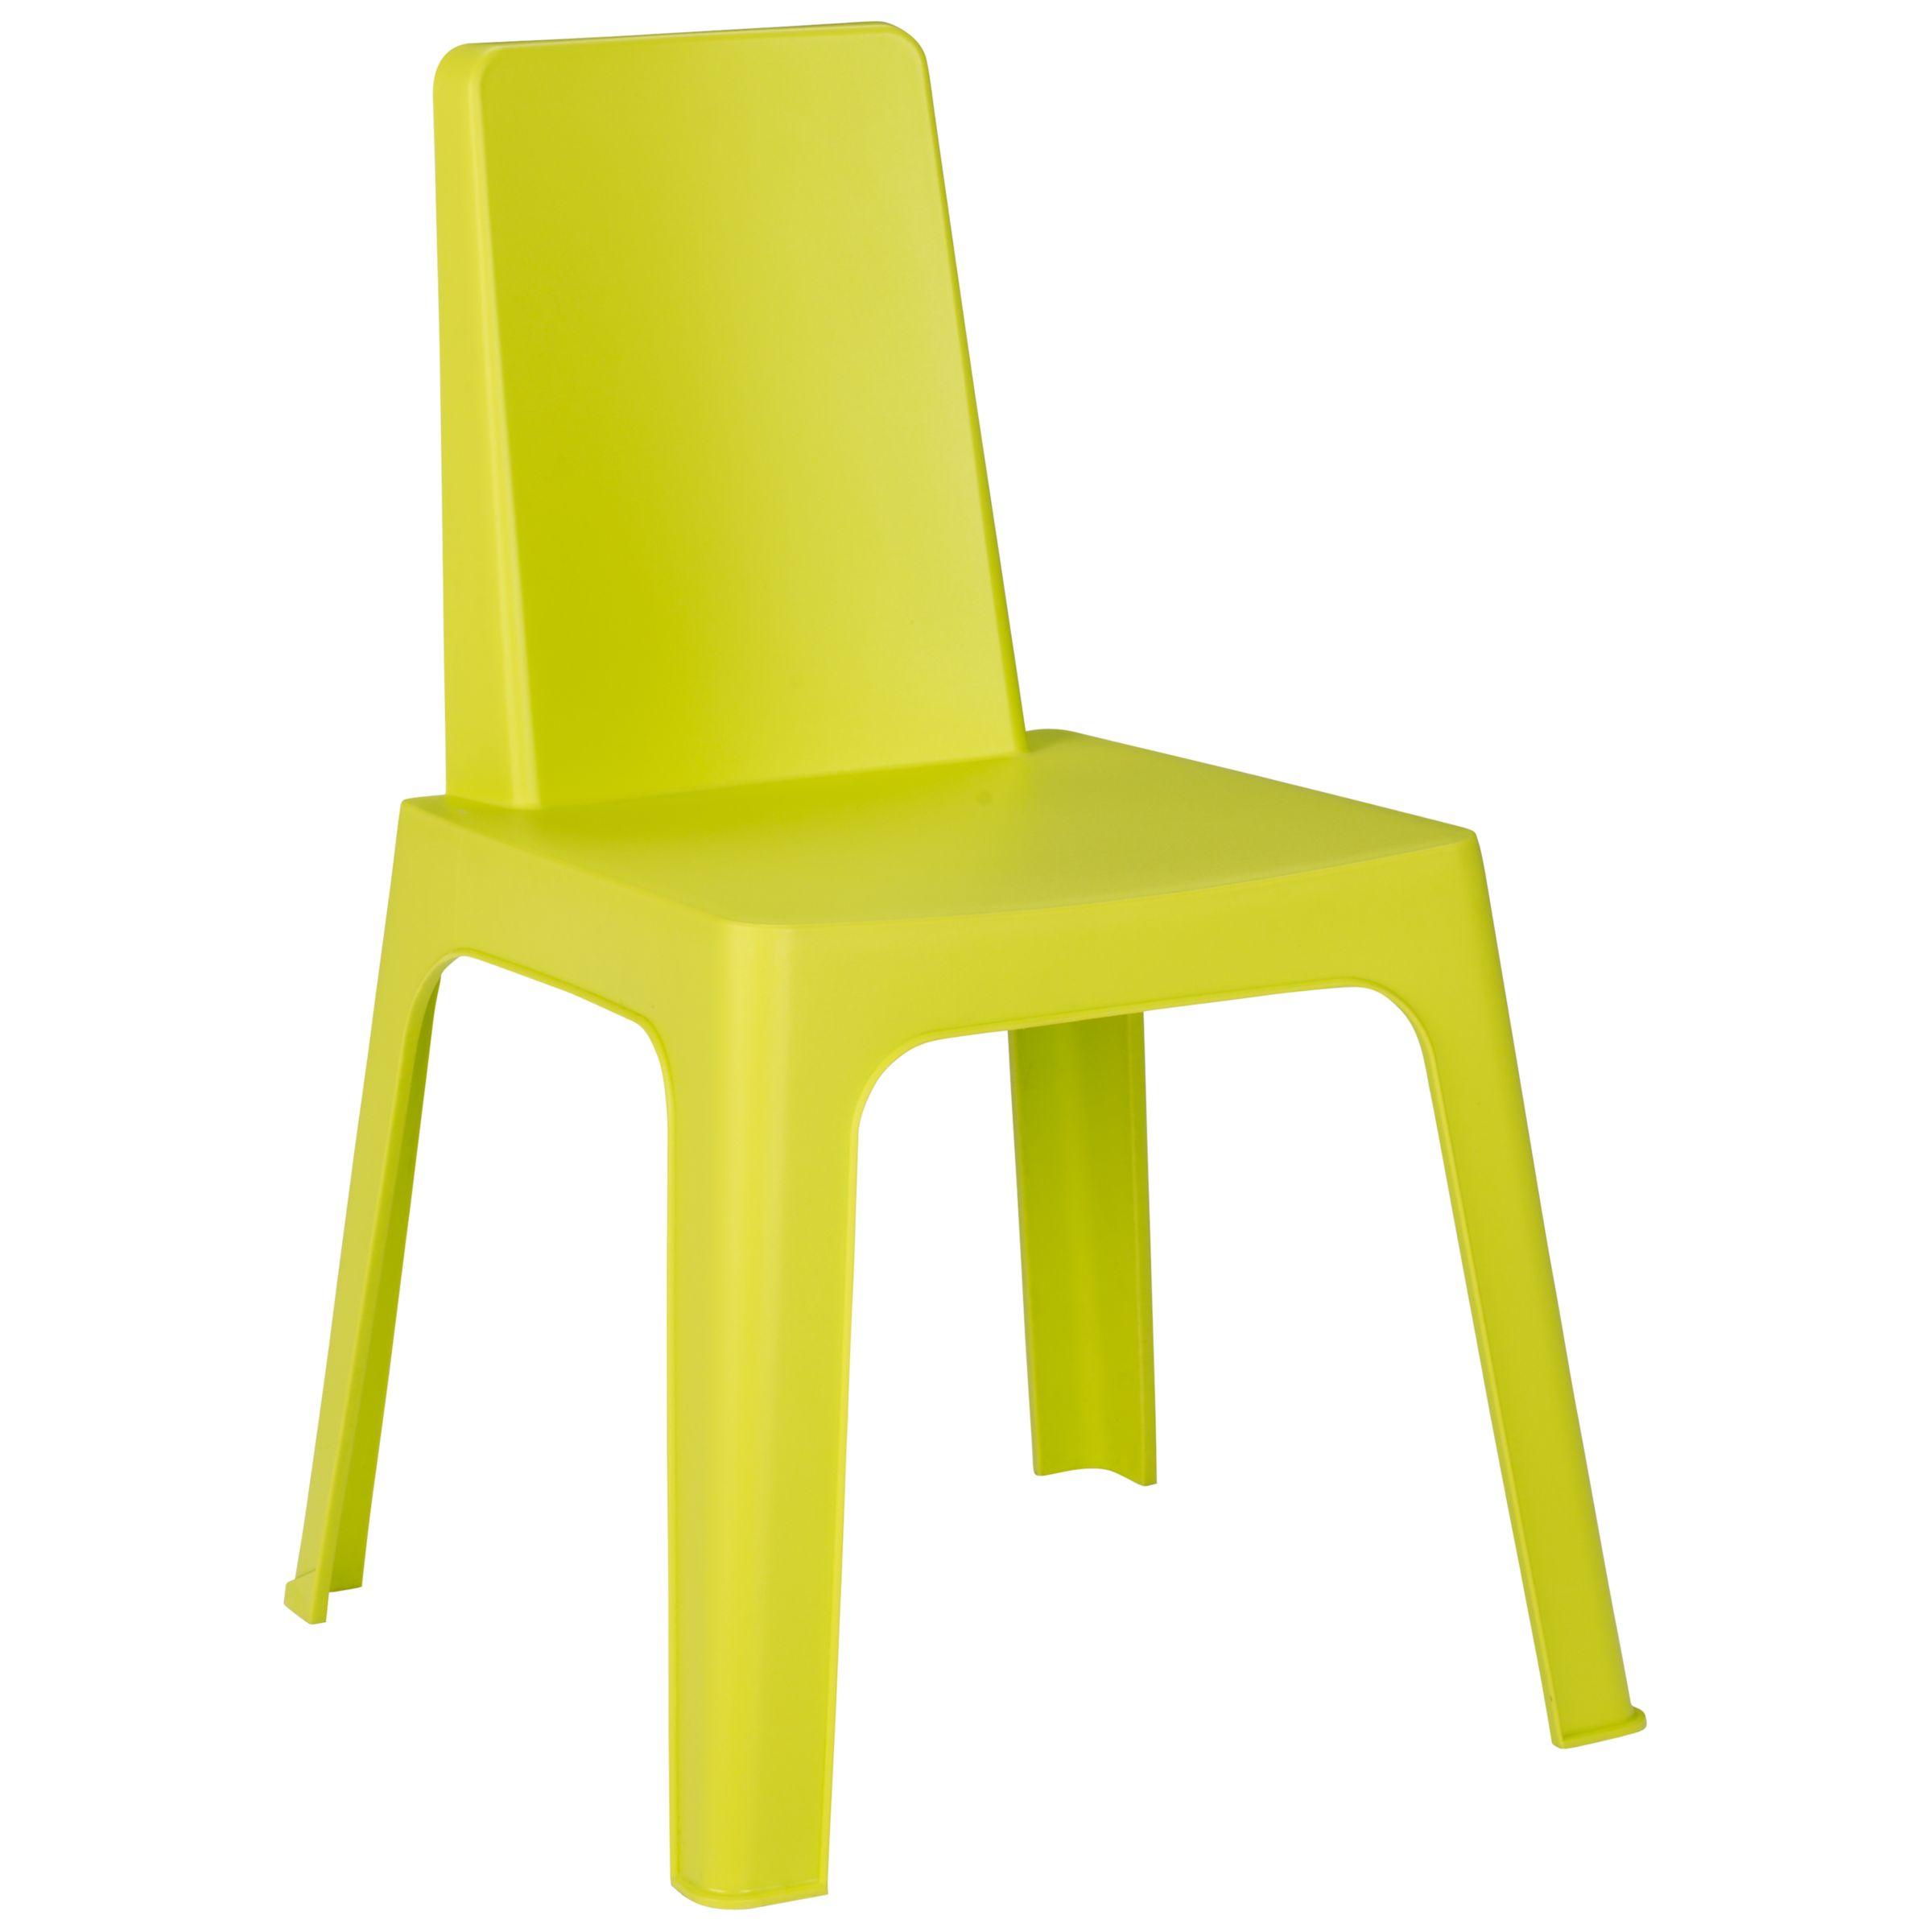 Resol Julietta Children's Chair, Green